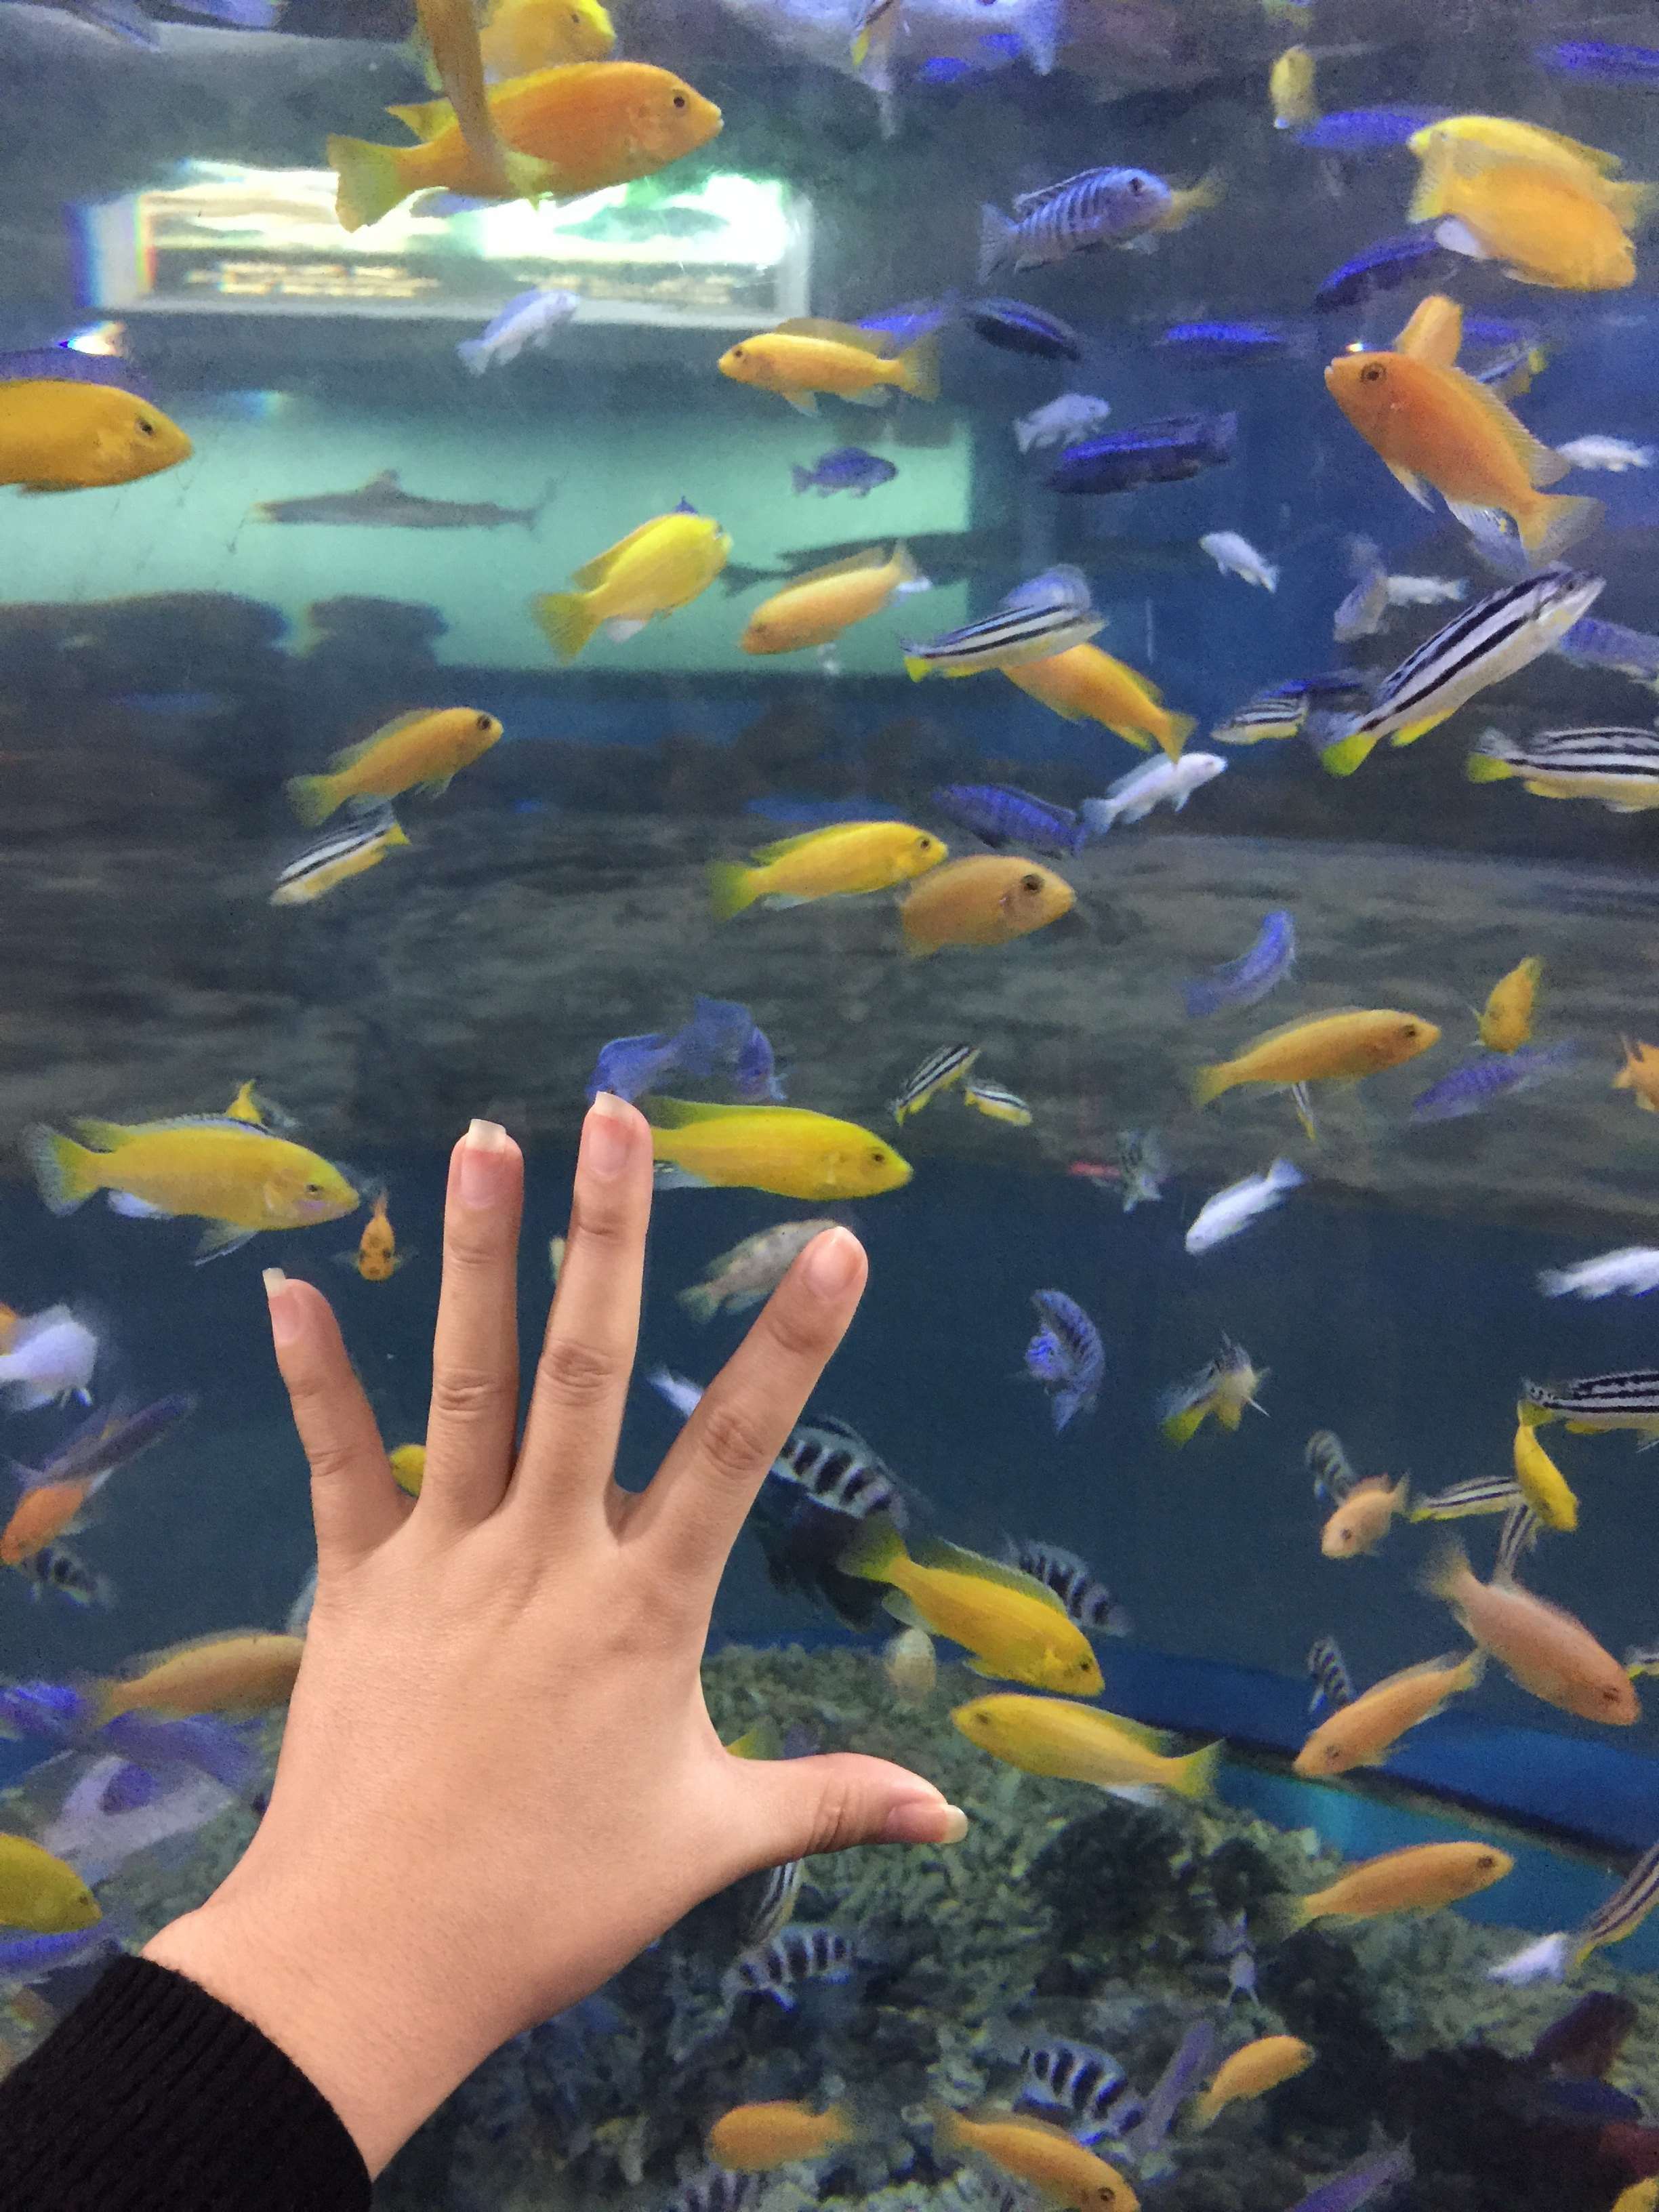 壁纸 动物 海底 海底世界 海洋馆 水族馆 鱼 鱼类 2448_3264 竖版 竖